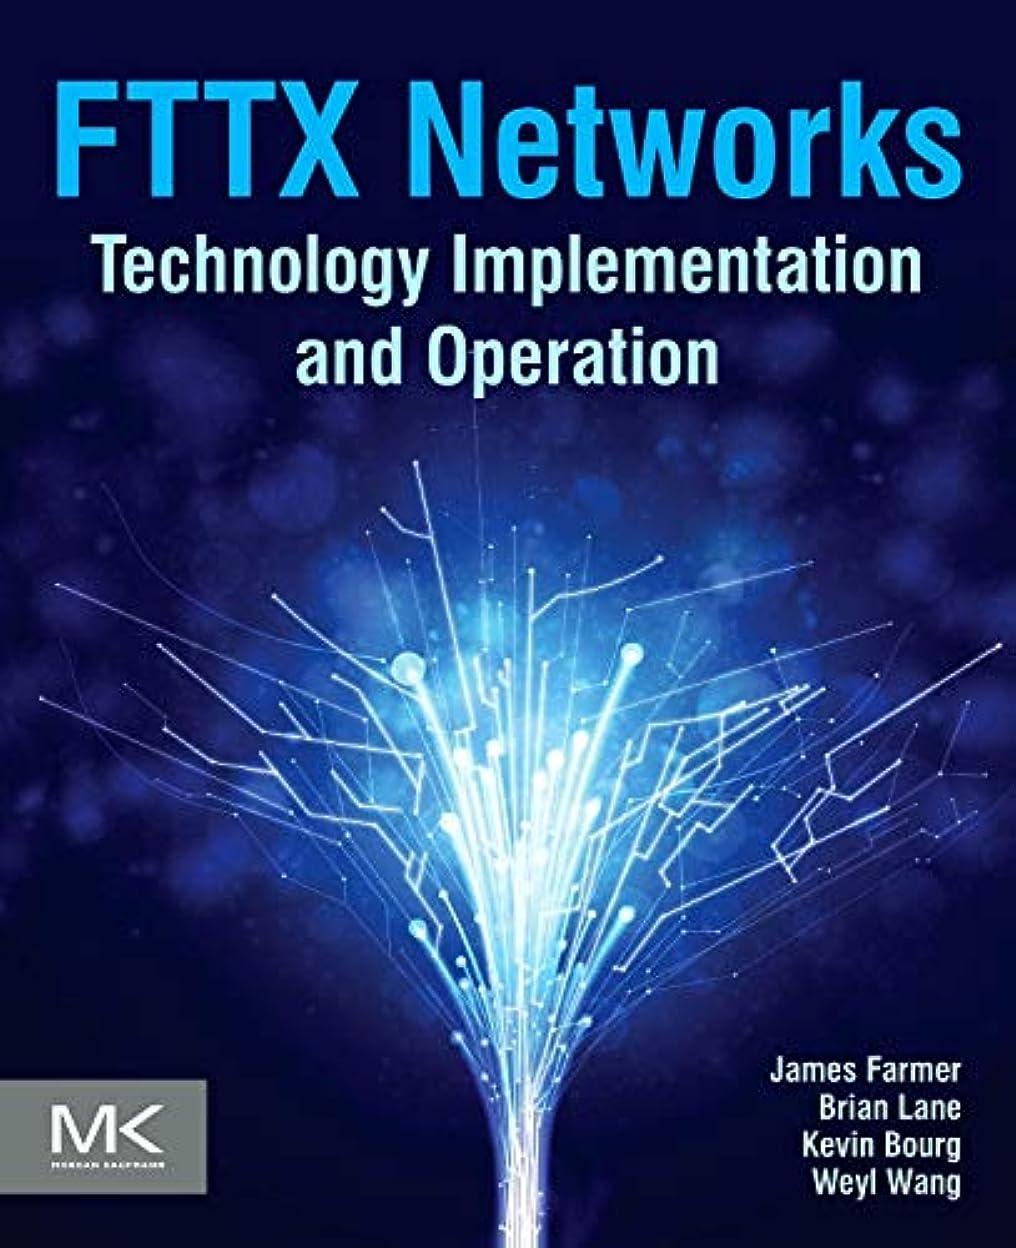 囚人テクトニック制約FTTx Networks: Technology Implementation and Operation